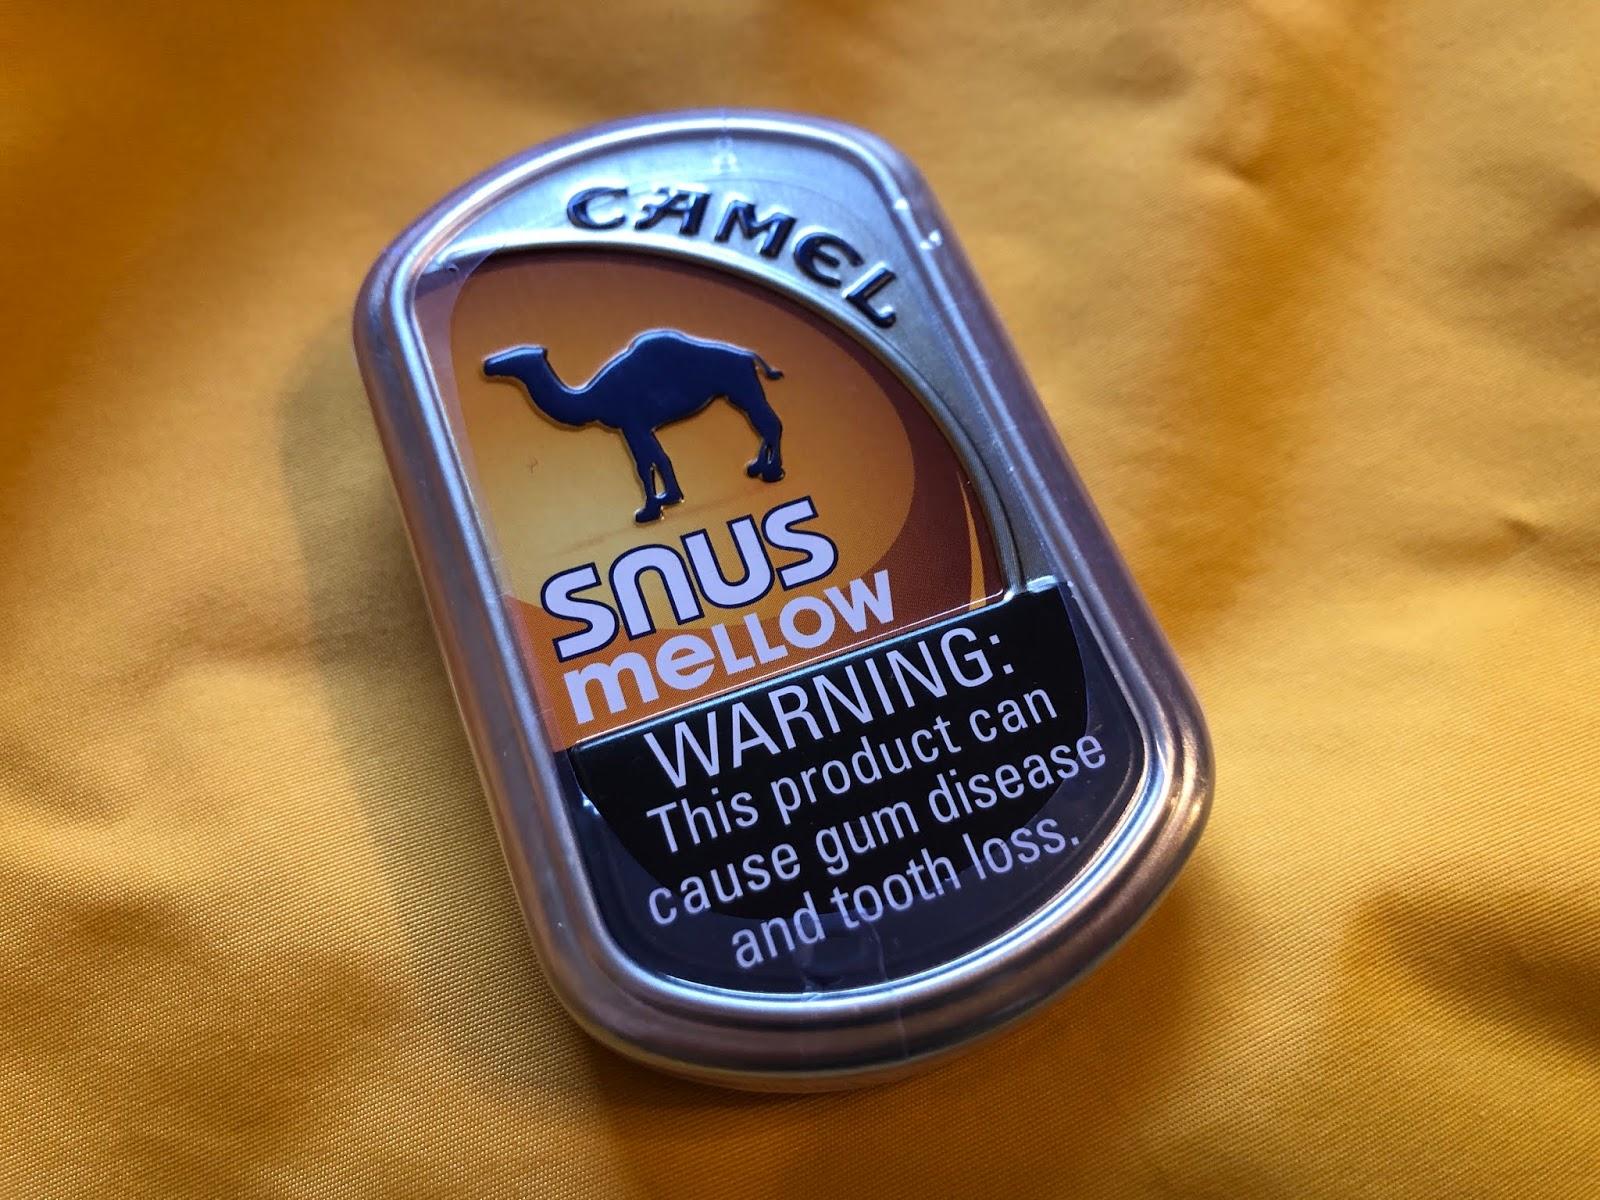 Snubie com: Camel